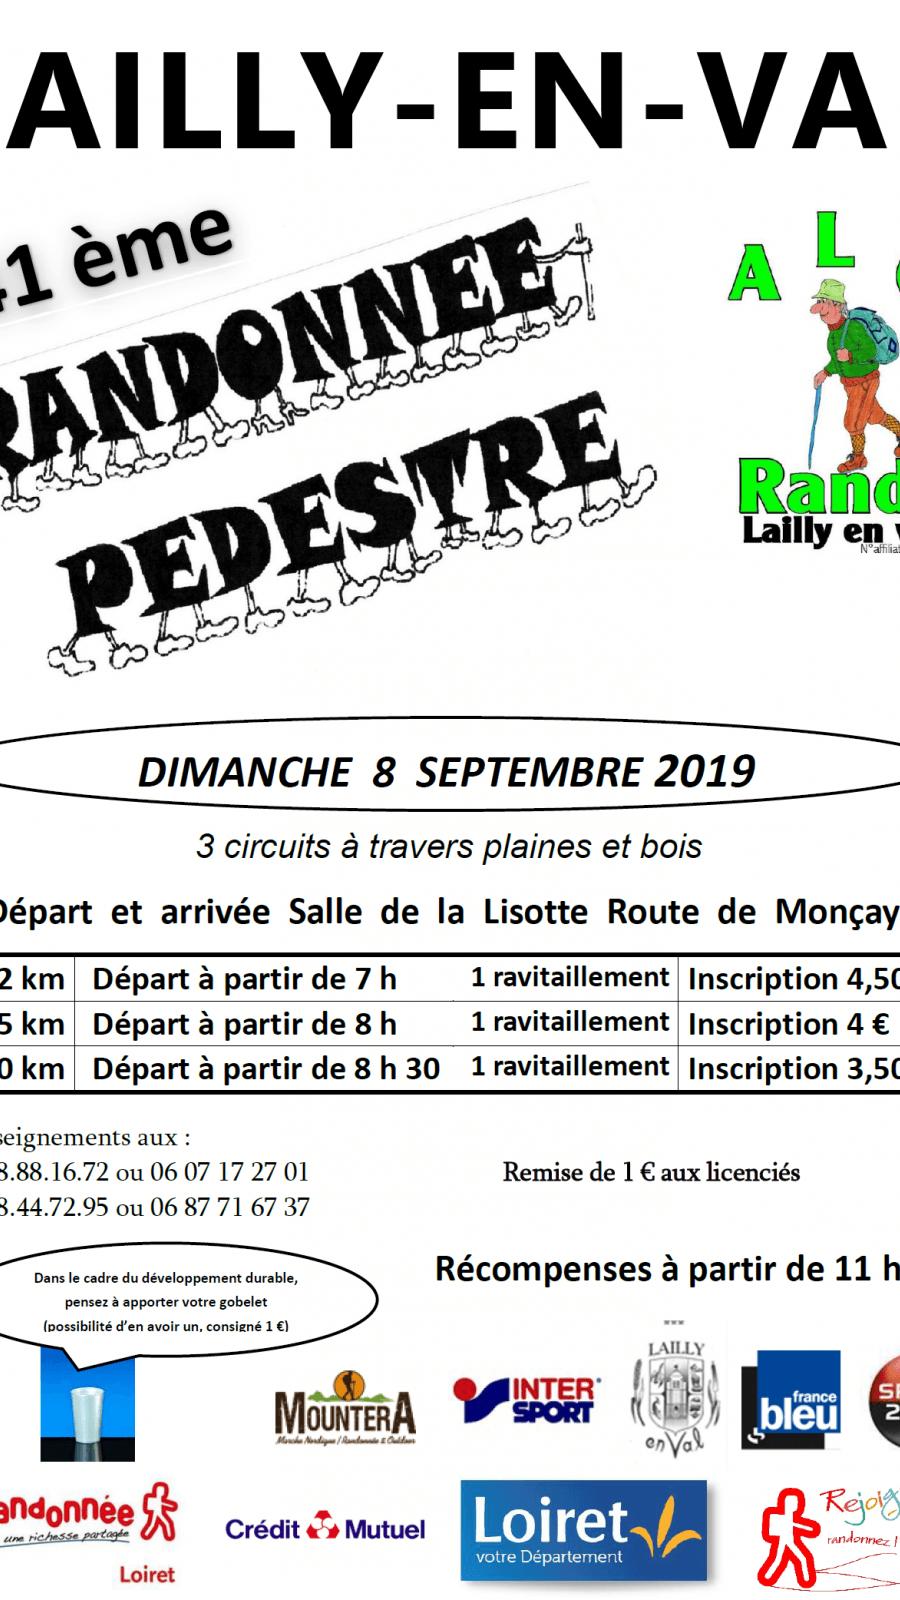 41ème randonnée pédestre de Lailly-en-Val